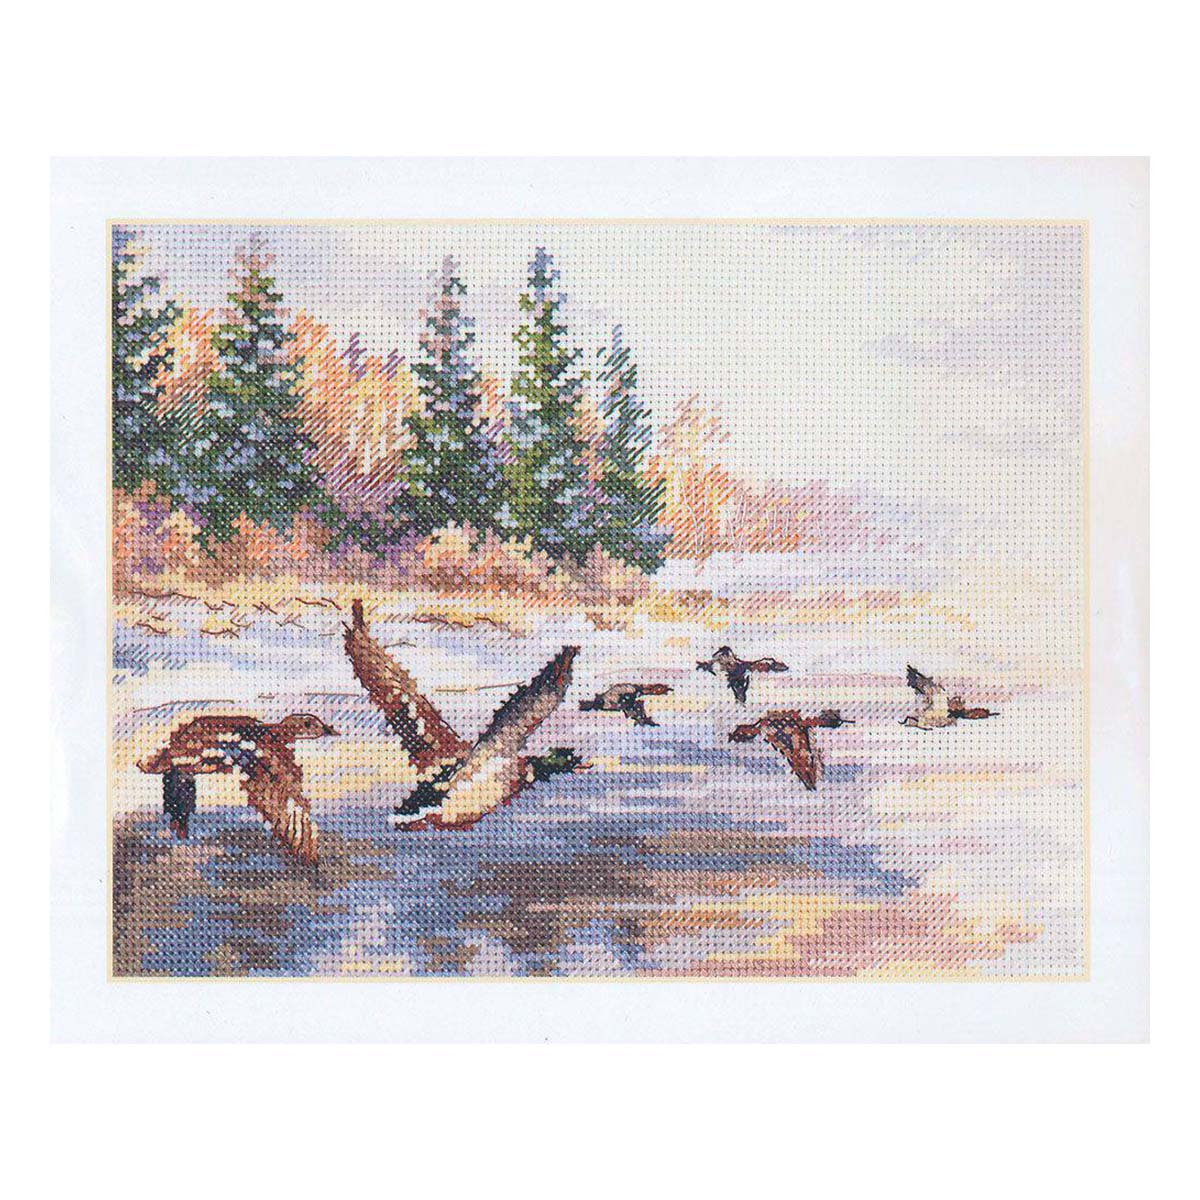 3-27 Набор для вышивания АЛИСА 'Утки летят' 23*17 см